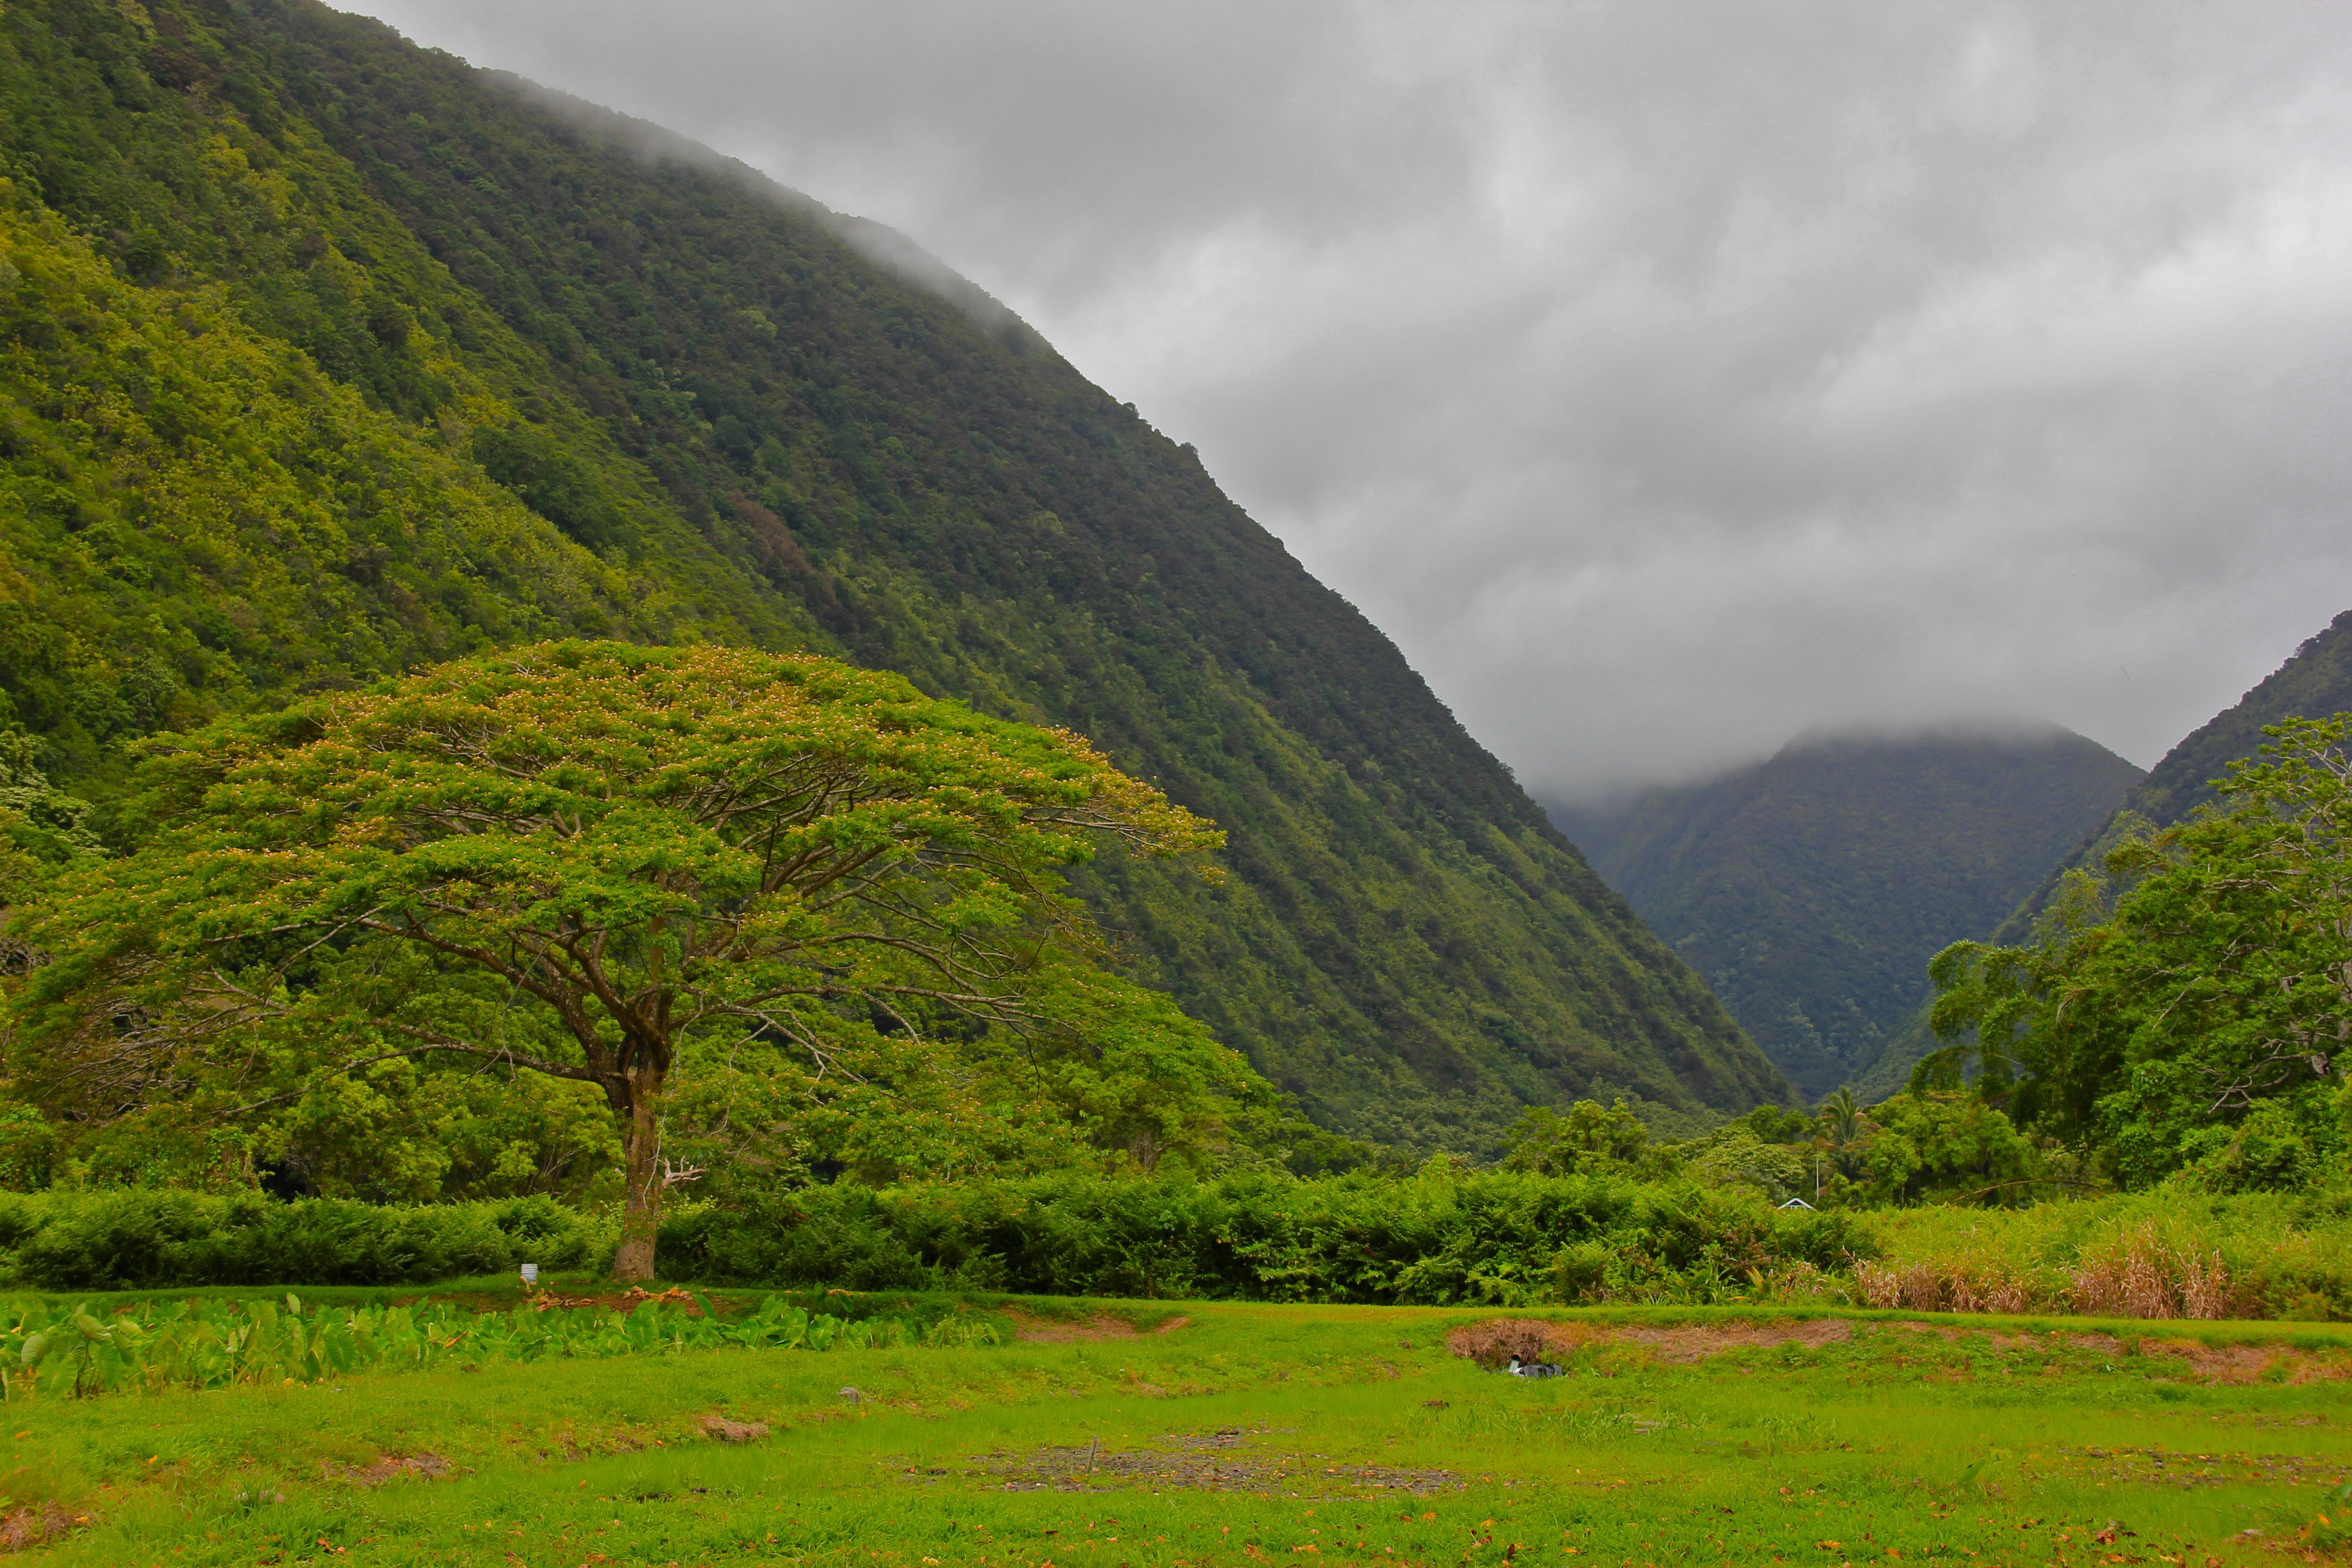 [Waipiʻo Valley] Photo by Navin75.